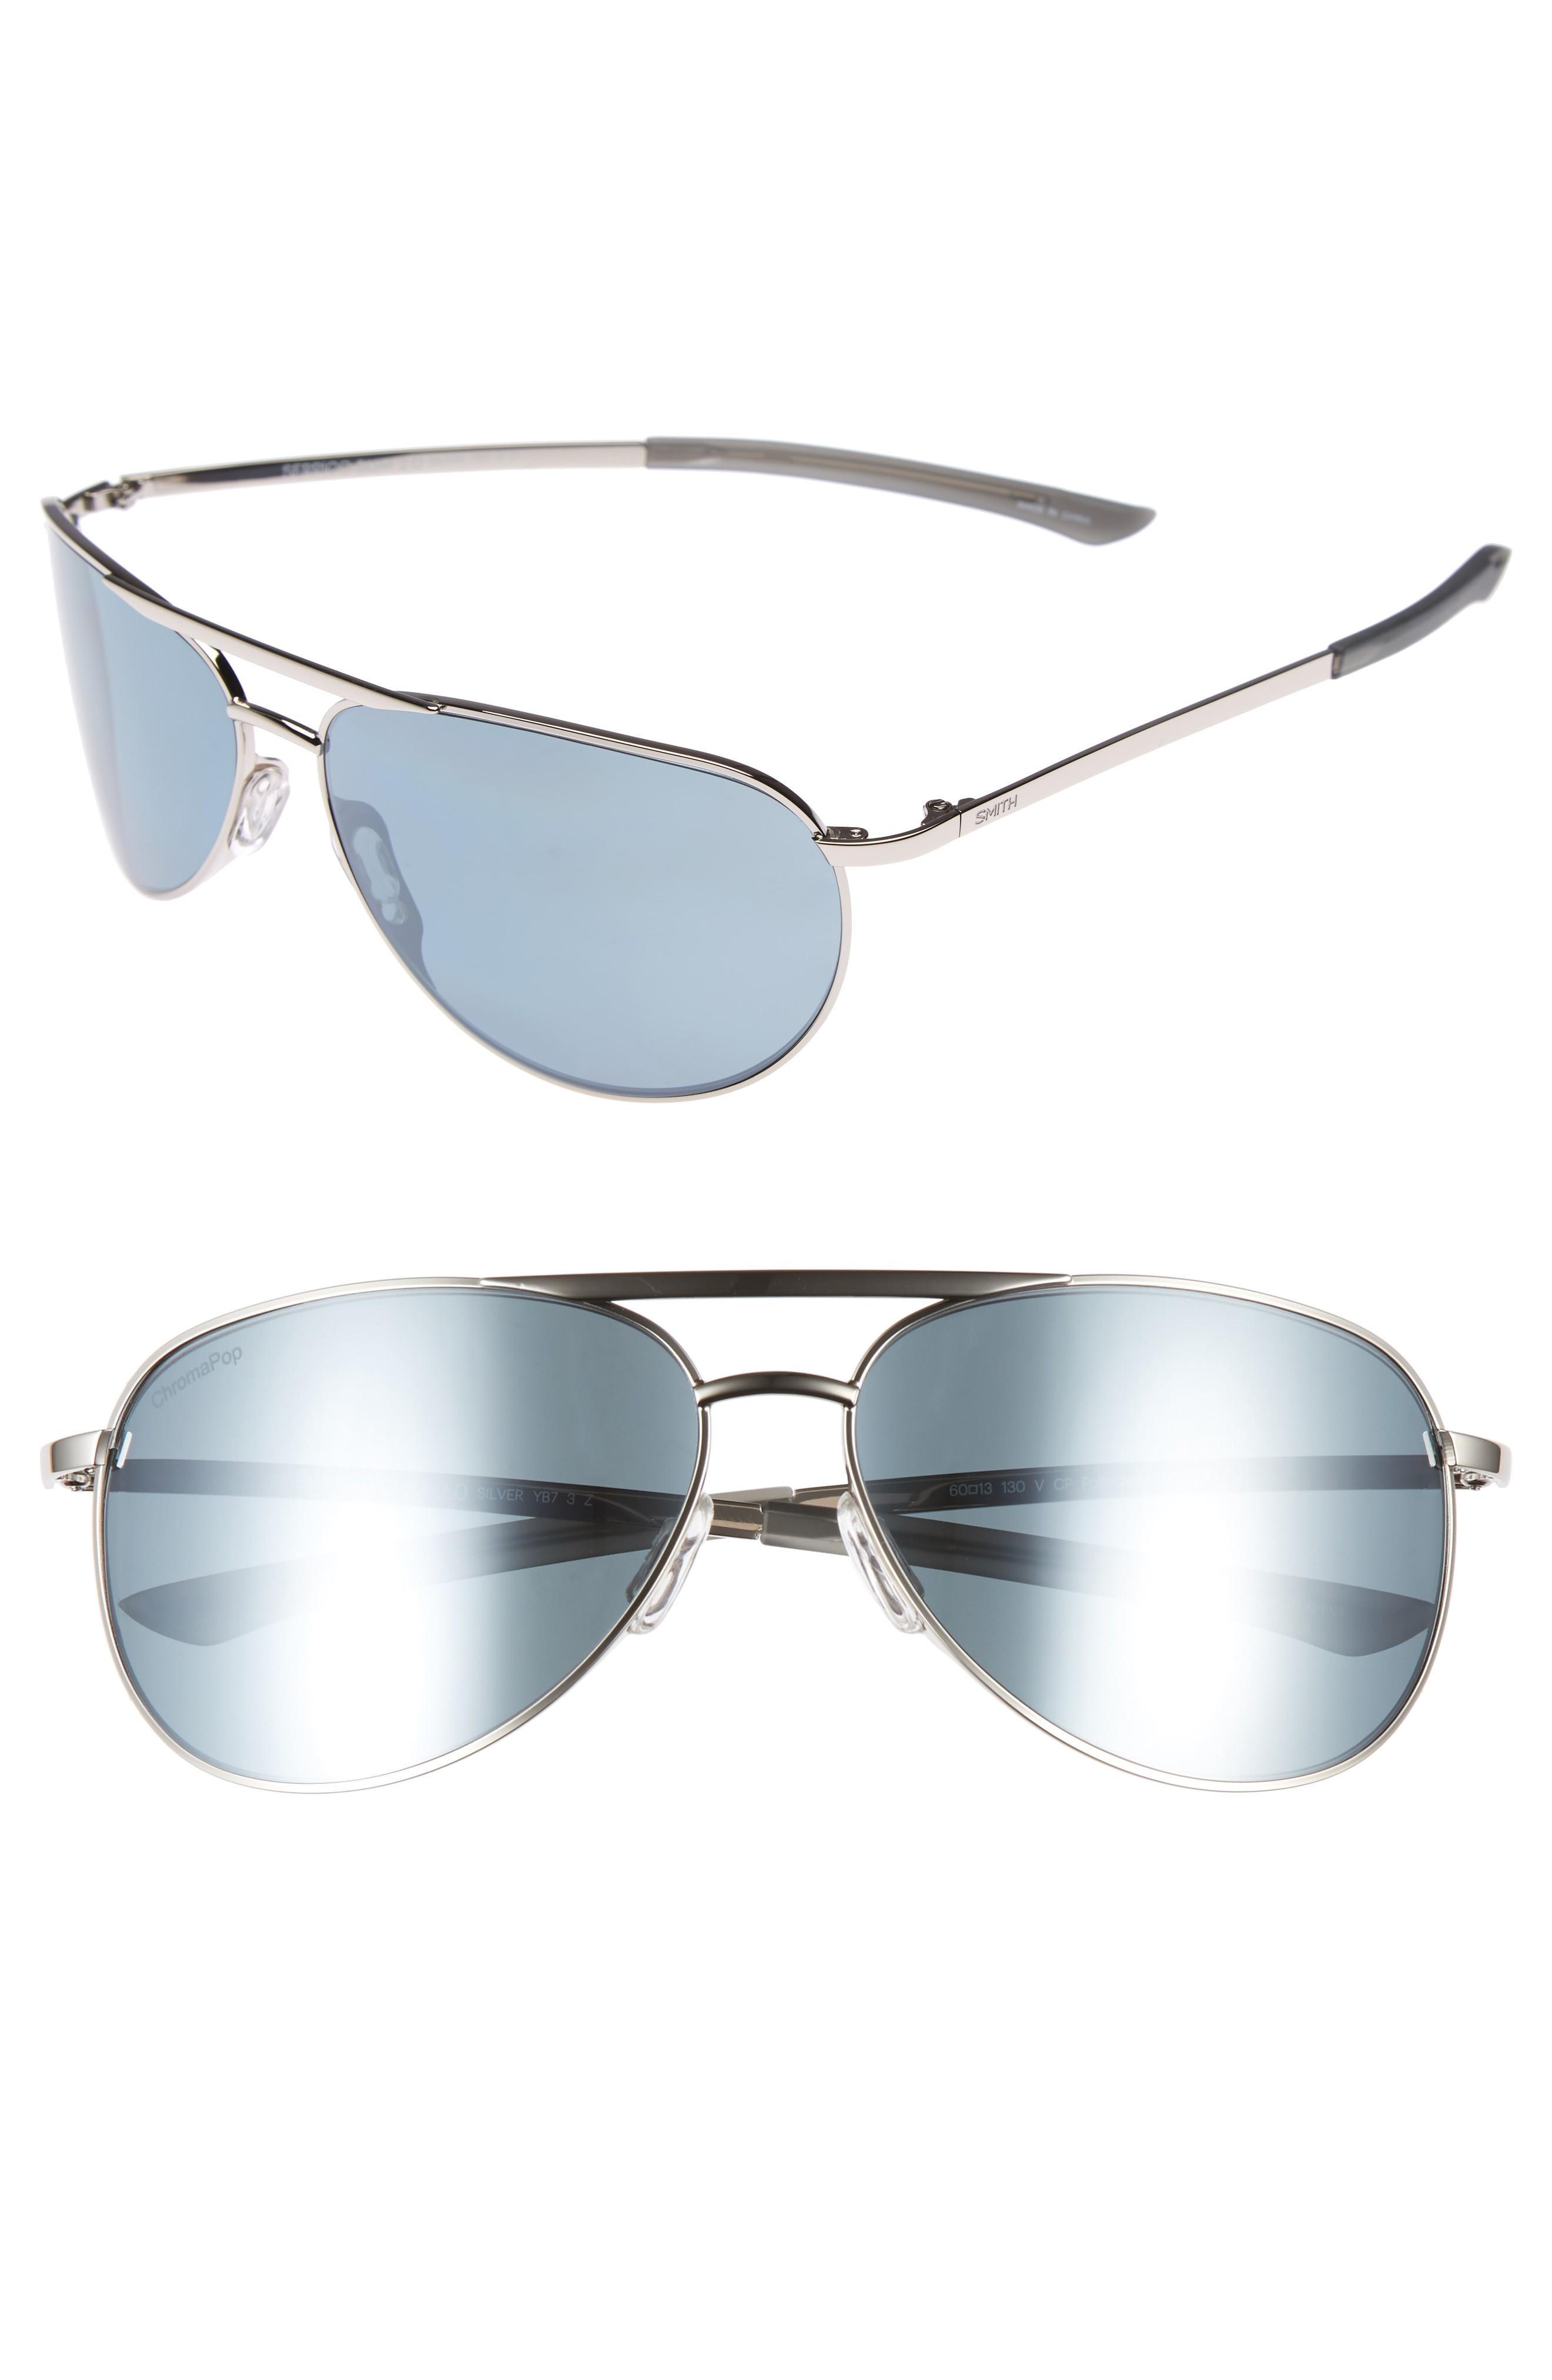 f002a4d2c6e5 Smith Serpico Slim 2.0 60Mm Chromapop Polarized Aviator Sunglasses ...